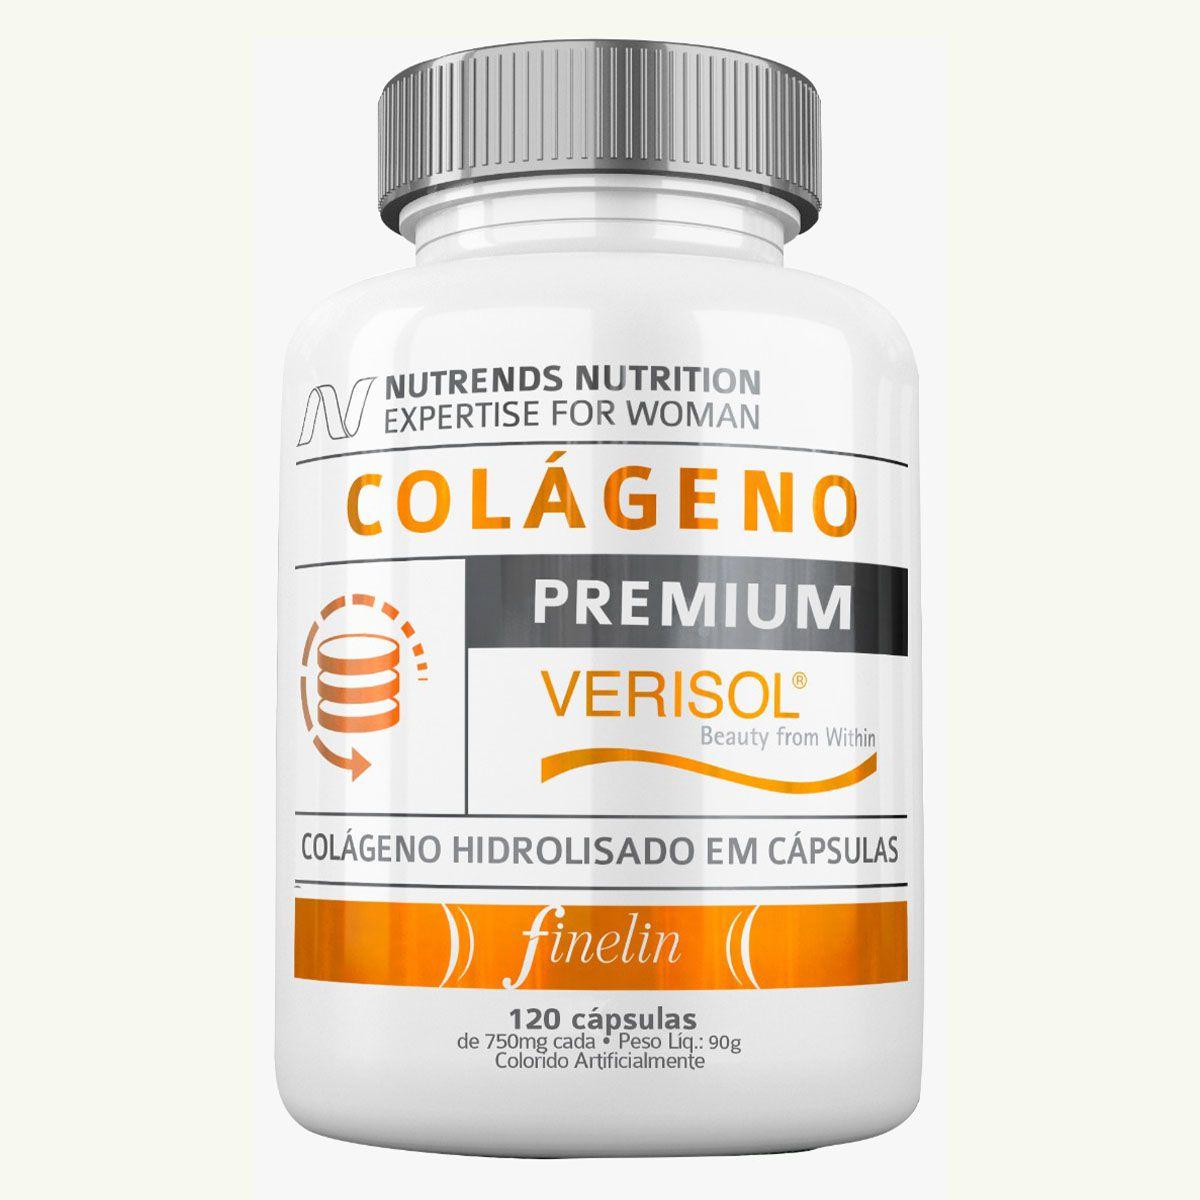 Colageno Verisol Premium 120 cápsulas - Nutrends